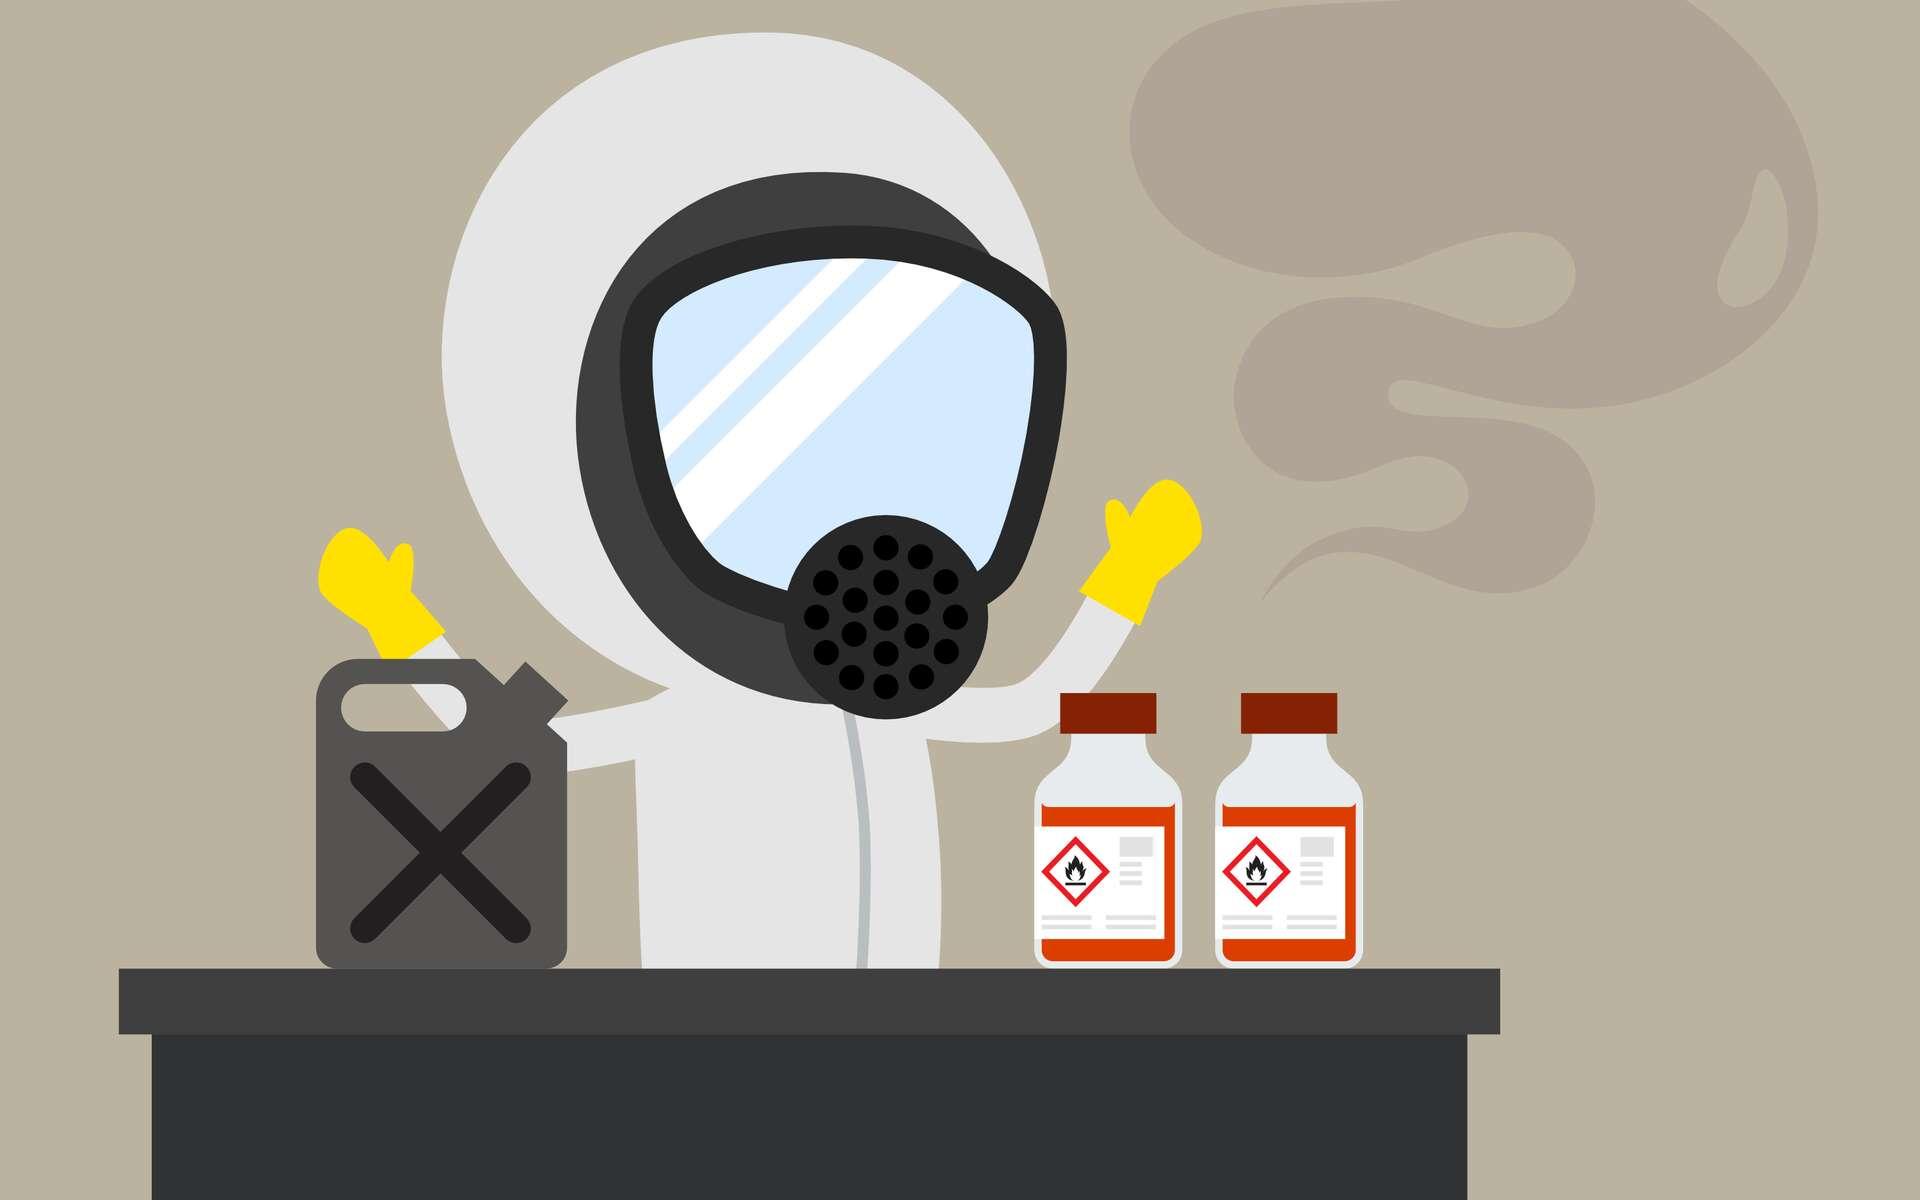 Il n'existe aucune corrélation entre mauvaises odeurs et dangerosité © anypix, Adobe Stock